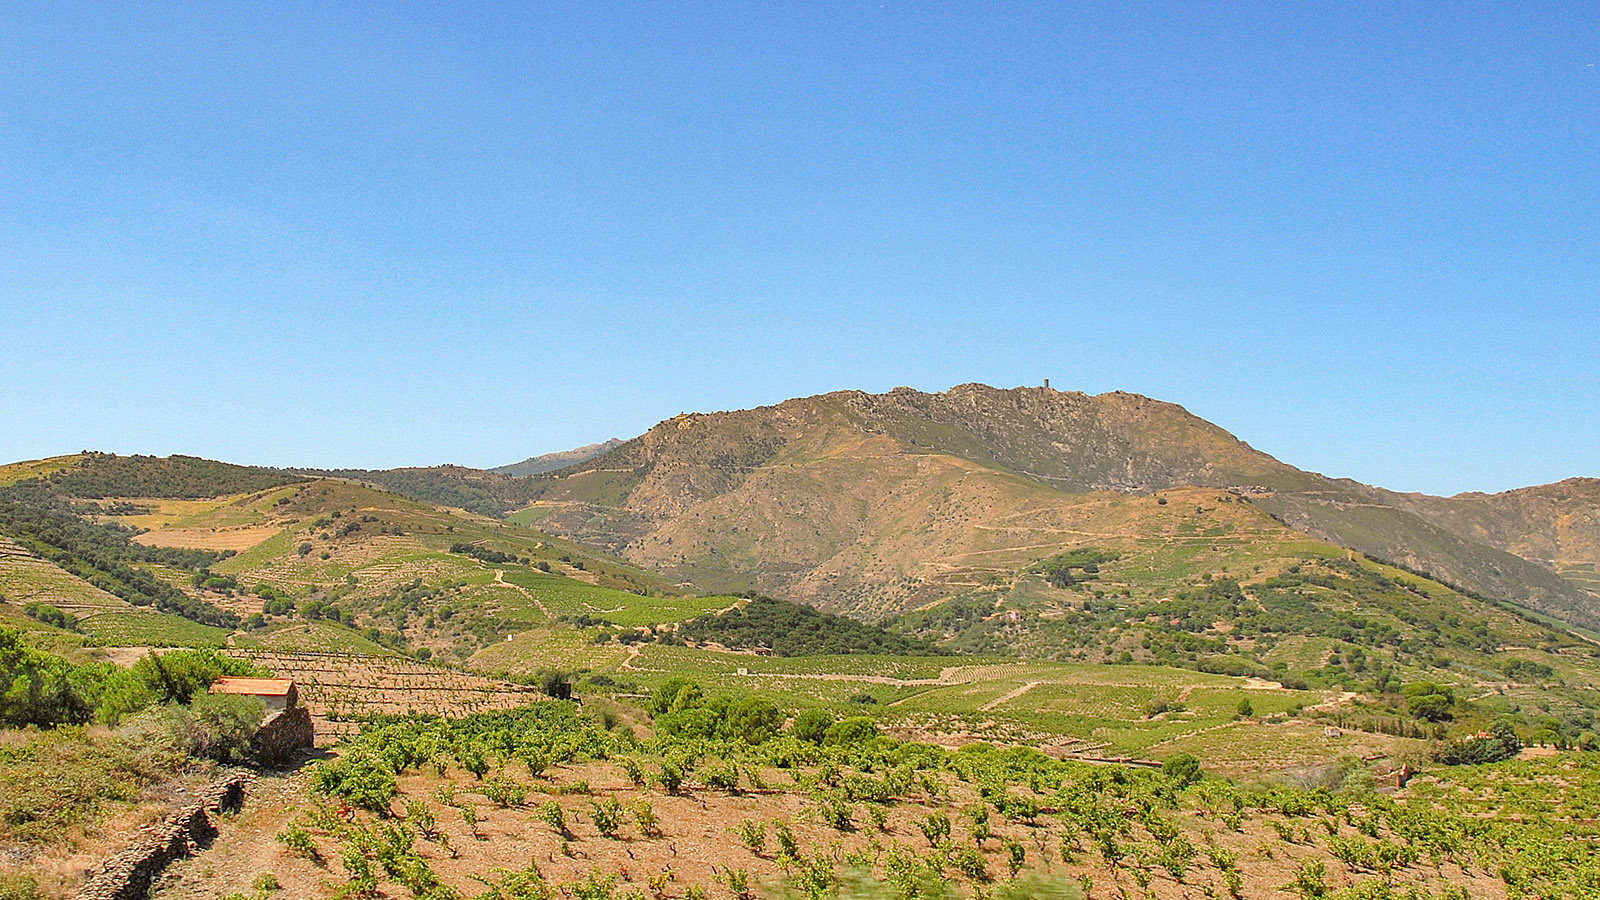 Die steilen Weinberge von Banyuls. Foto: Hilke Maunder